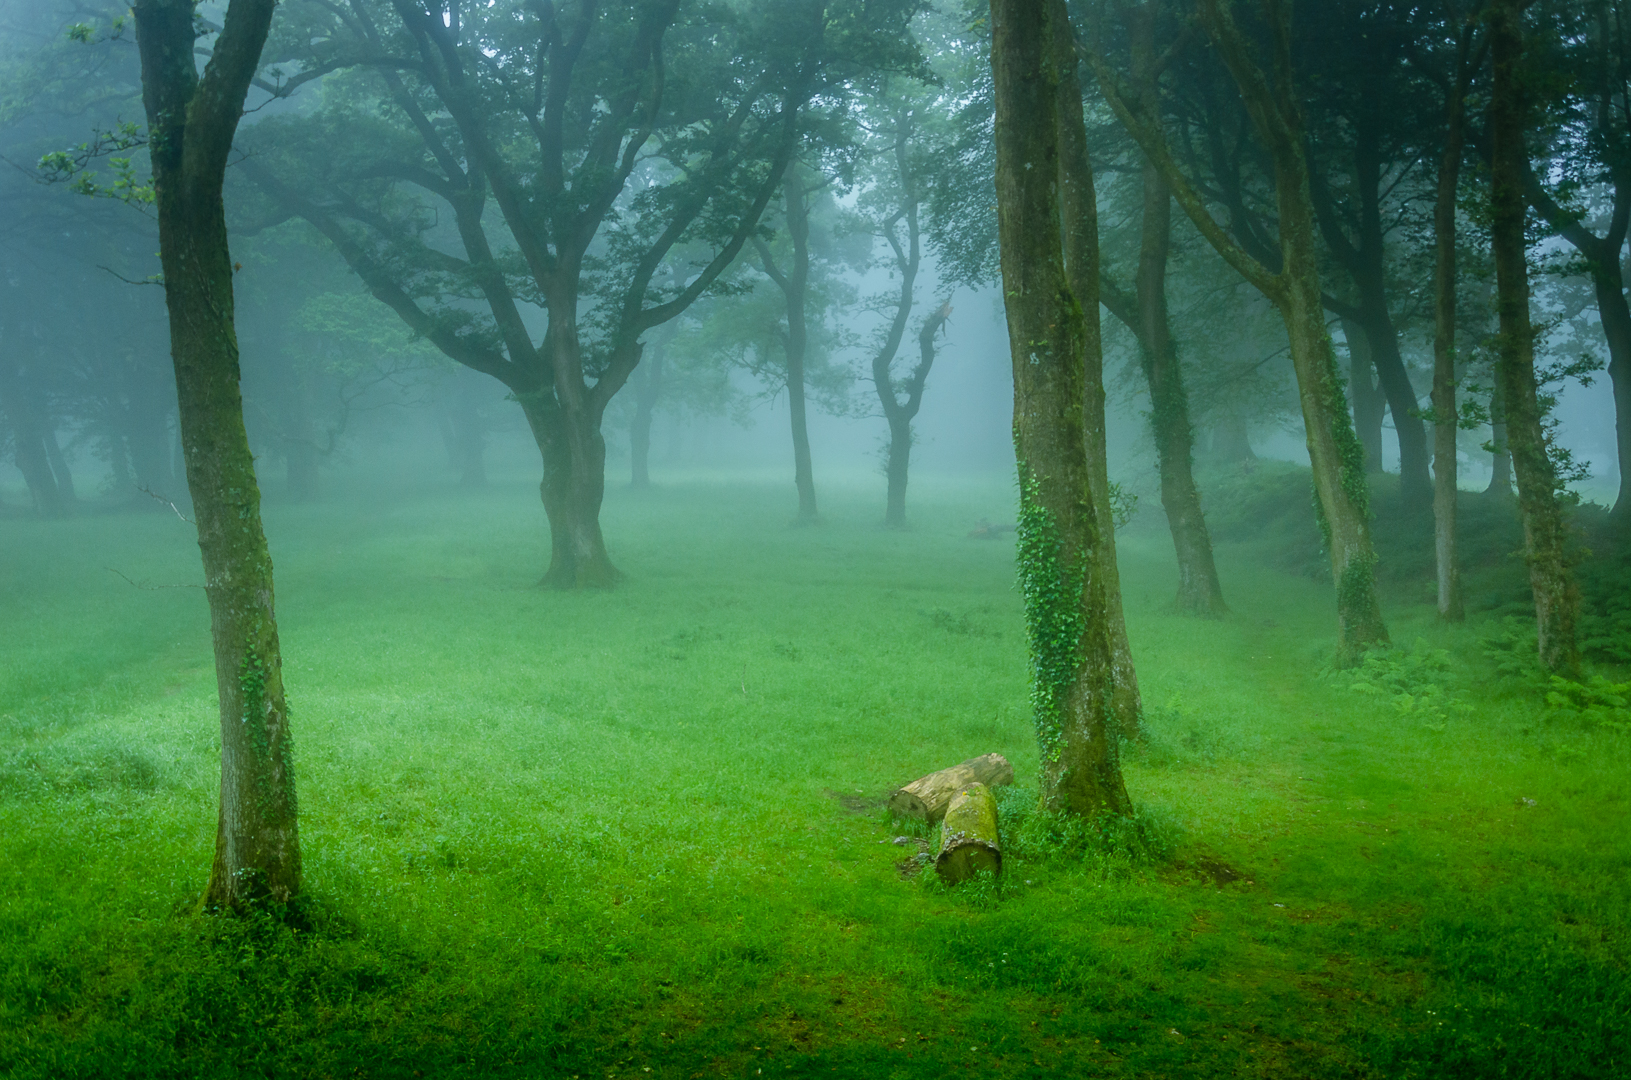 Misty Green Wood